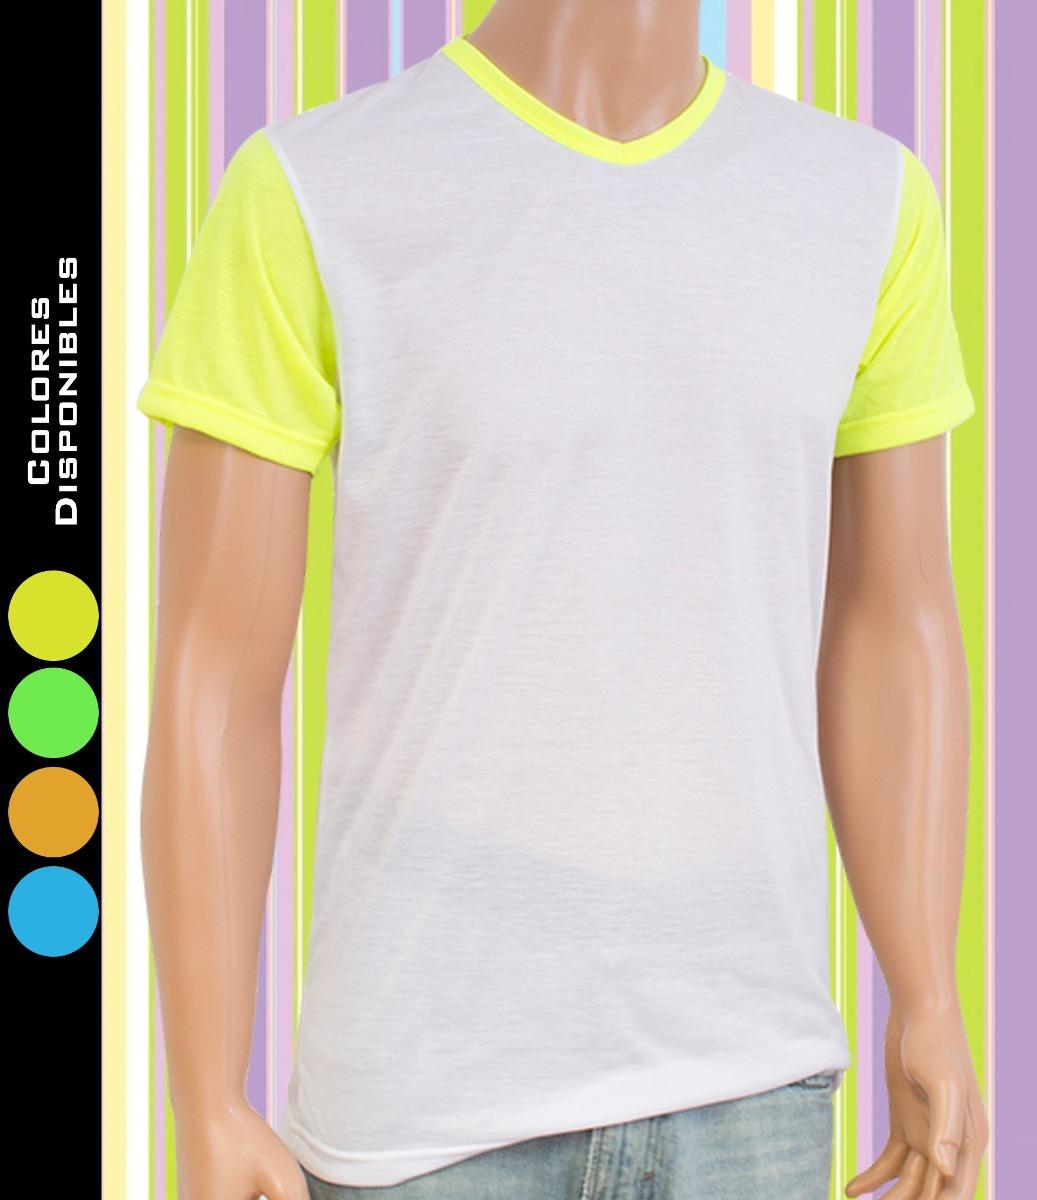 Playeras Sublimadas Personalizadas -   100.00 en Mercado Libre e6393968a46c7